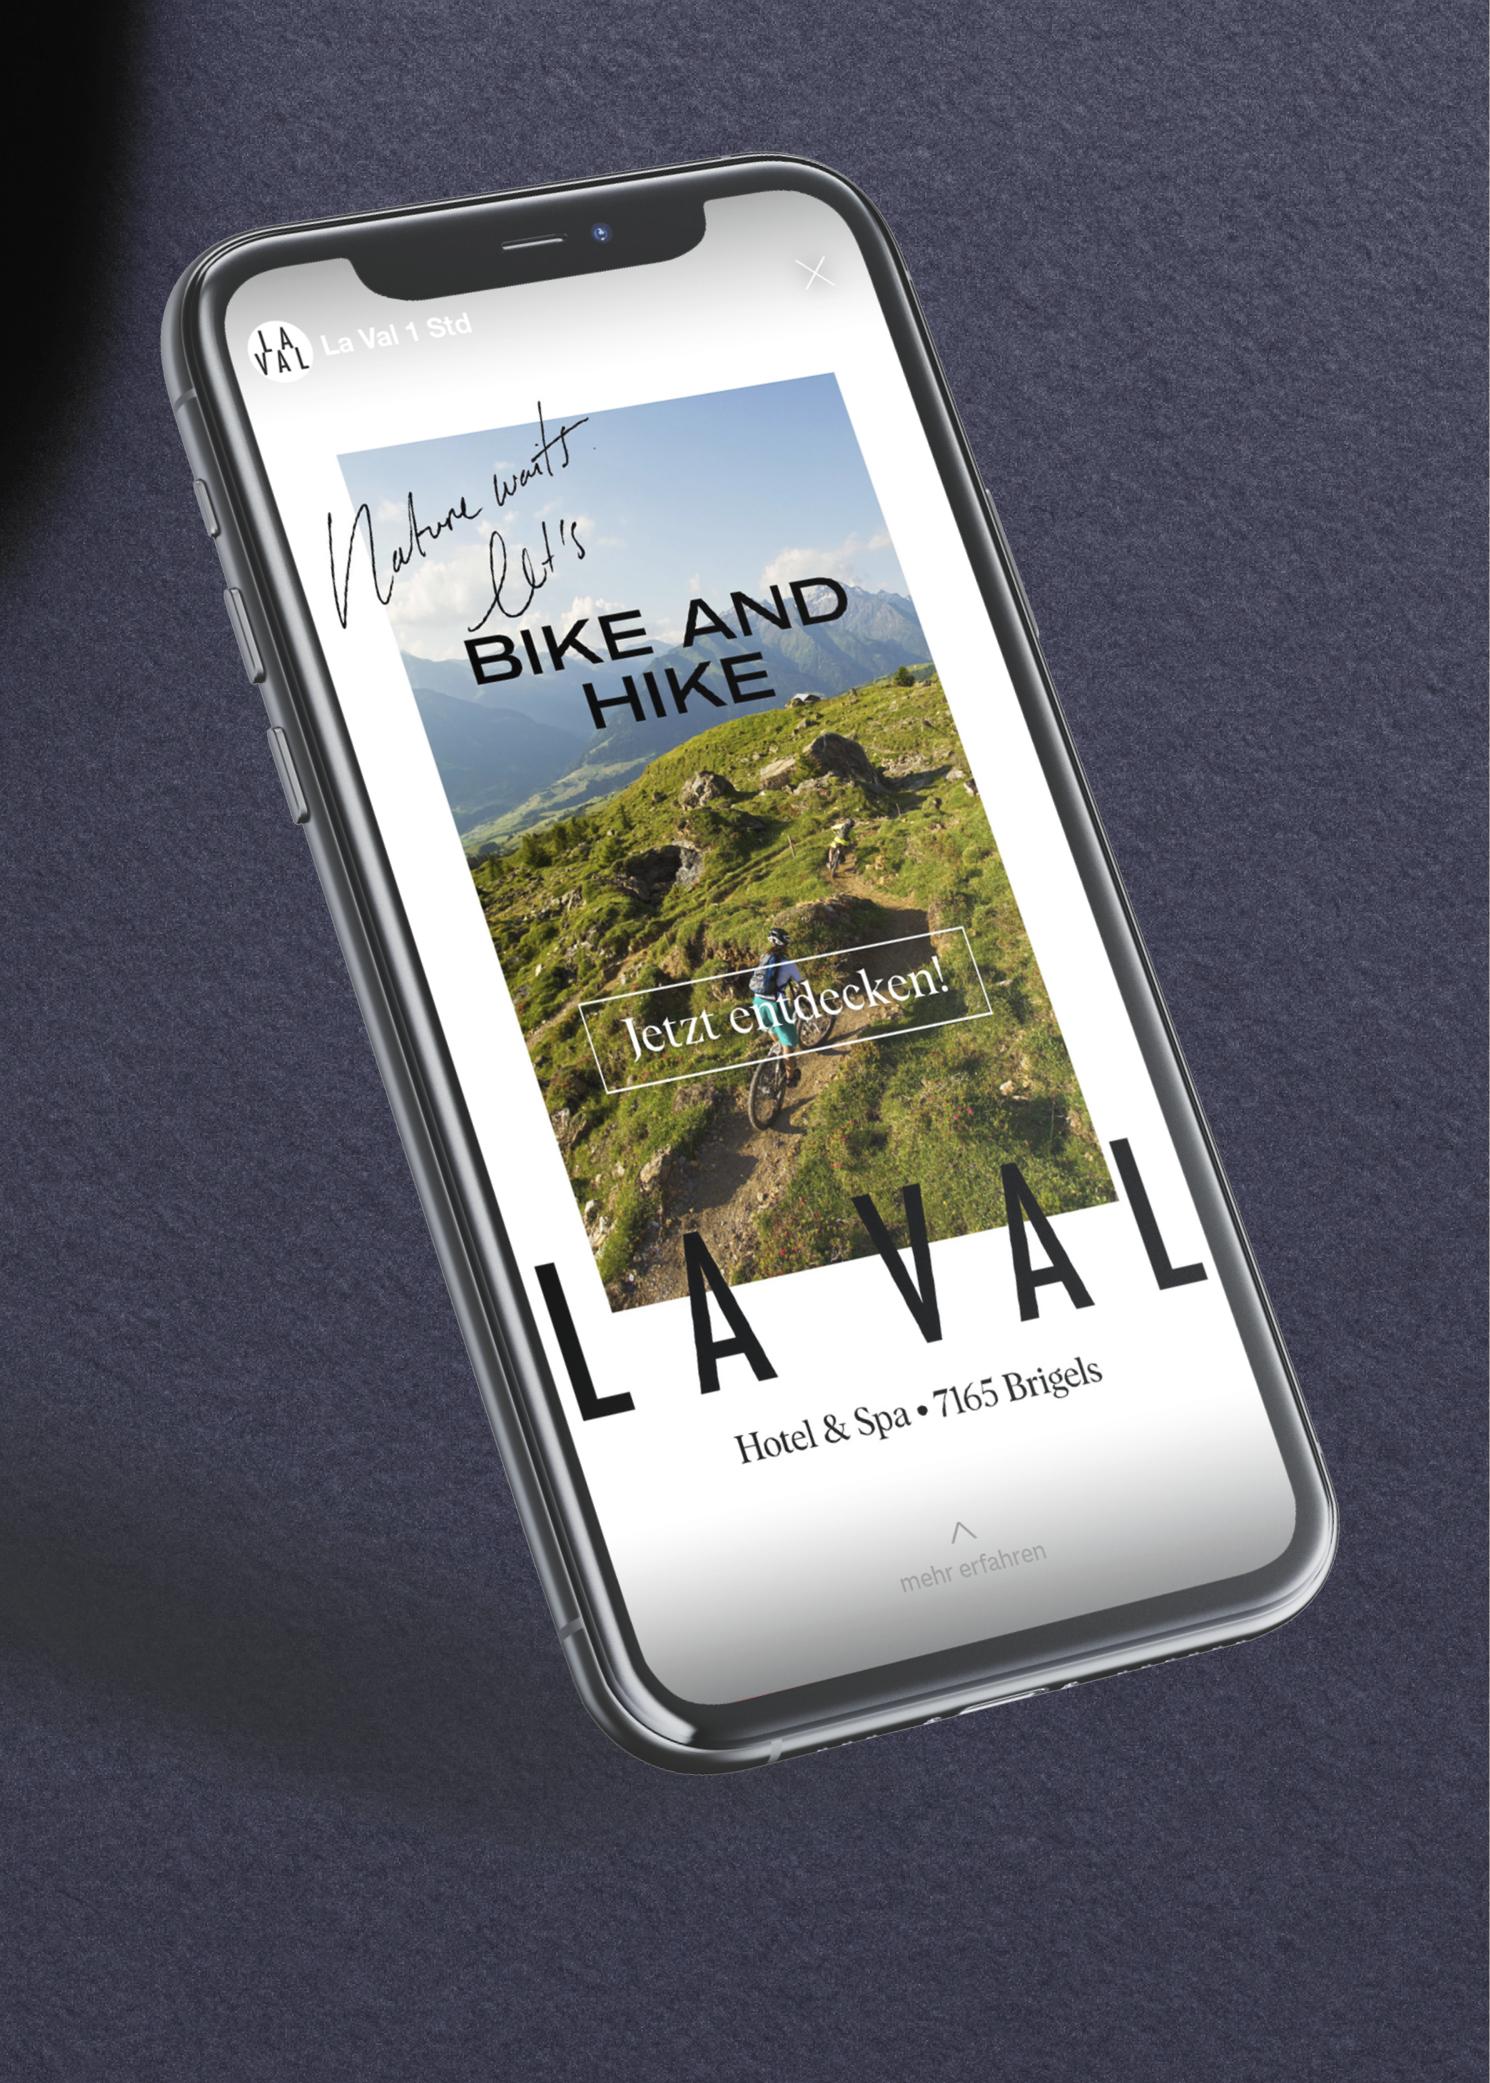 Iphone mit Vollbildanzeige einer Socialmedia-Werbekampagne für das Hotel & Spa brigels in Graubünden